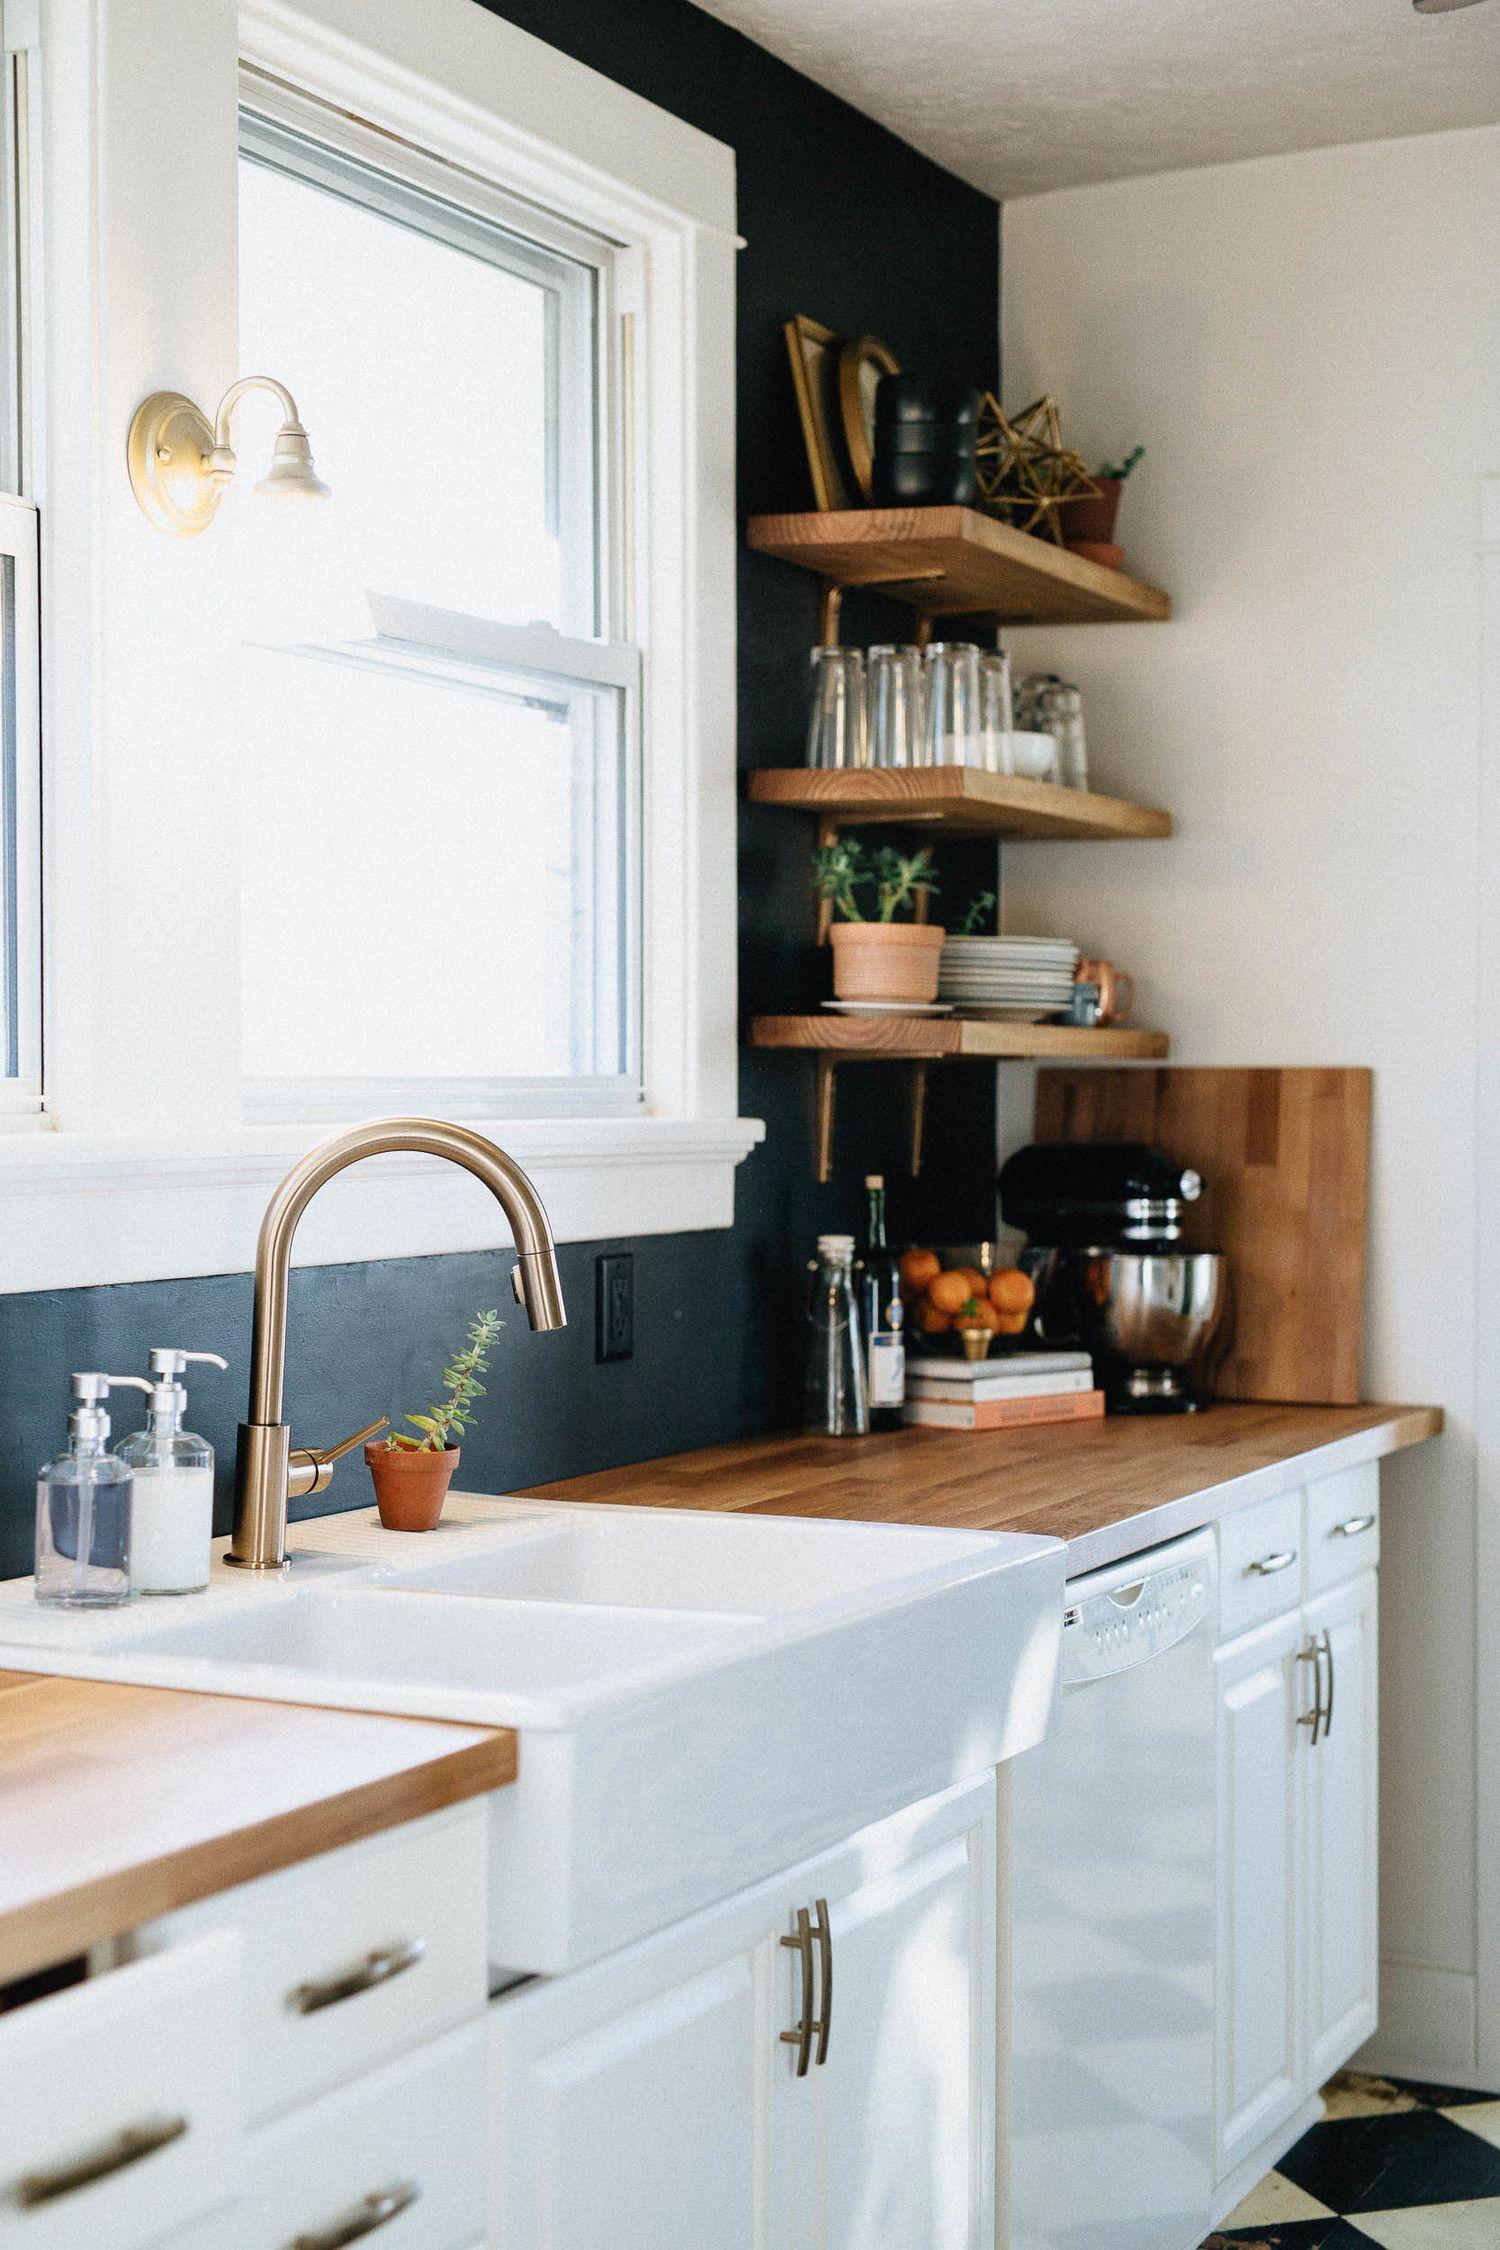 Our DIY Kitchen Remodel | Küche, Rund ums haus und Runde